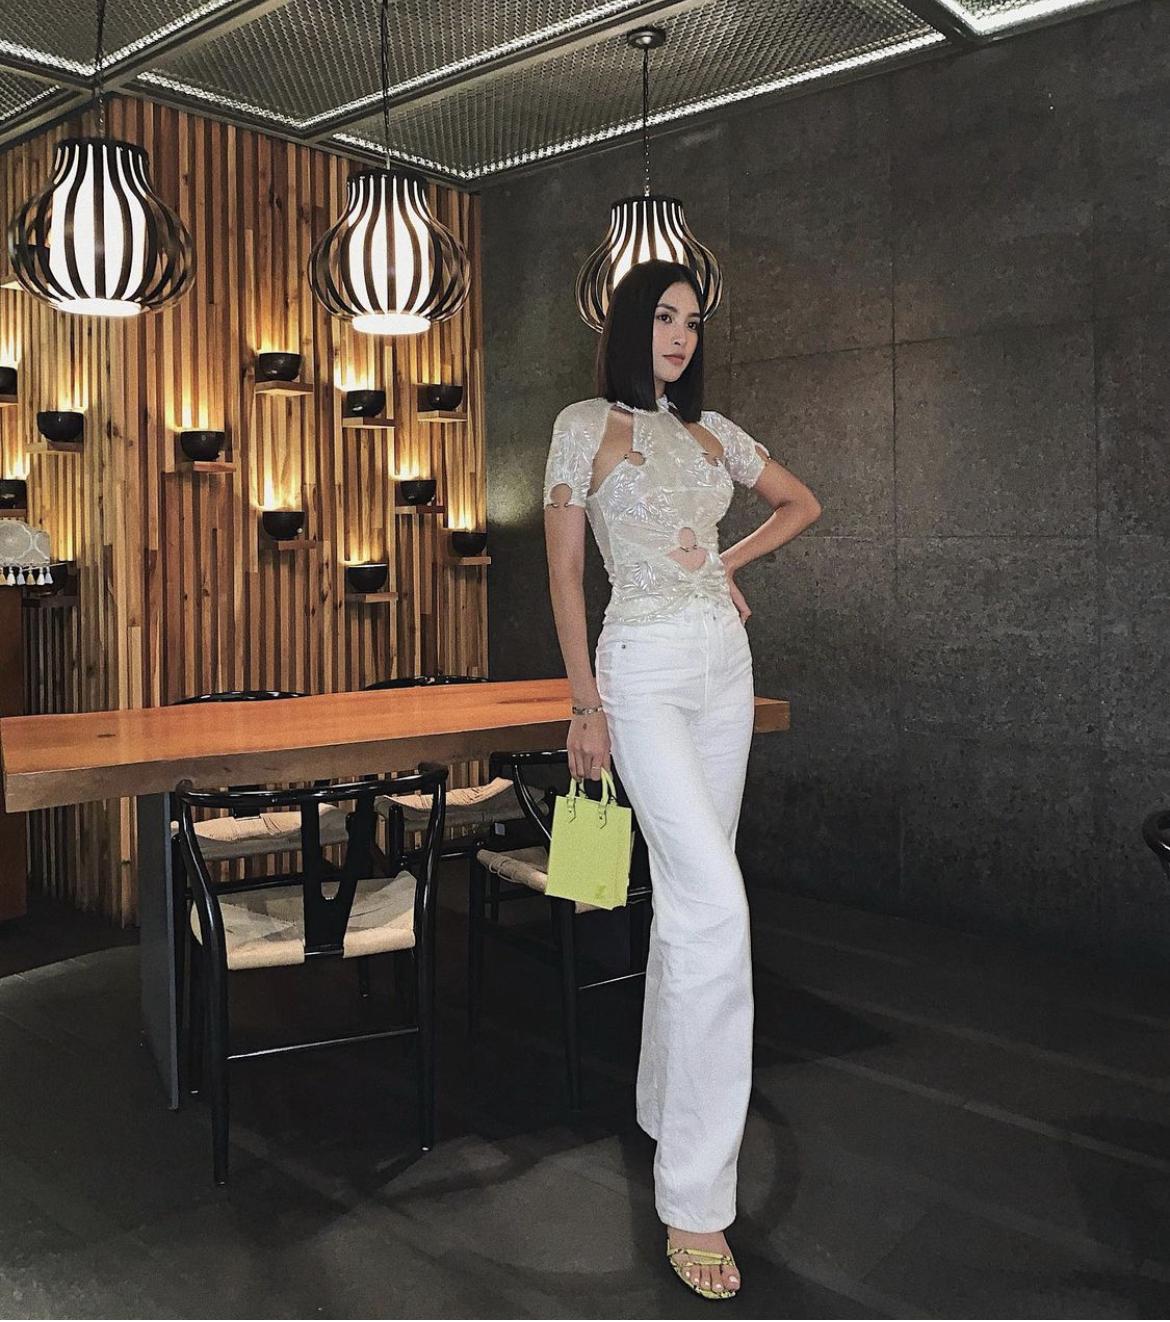 Instagram look sao Việt tuần qua: Hà Hồ - Tóc Tiên lên đồ sexy nín thở, Tiểu Vy diện áo cut out thu phục mọi ánh nhìn - Ảnh 7.